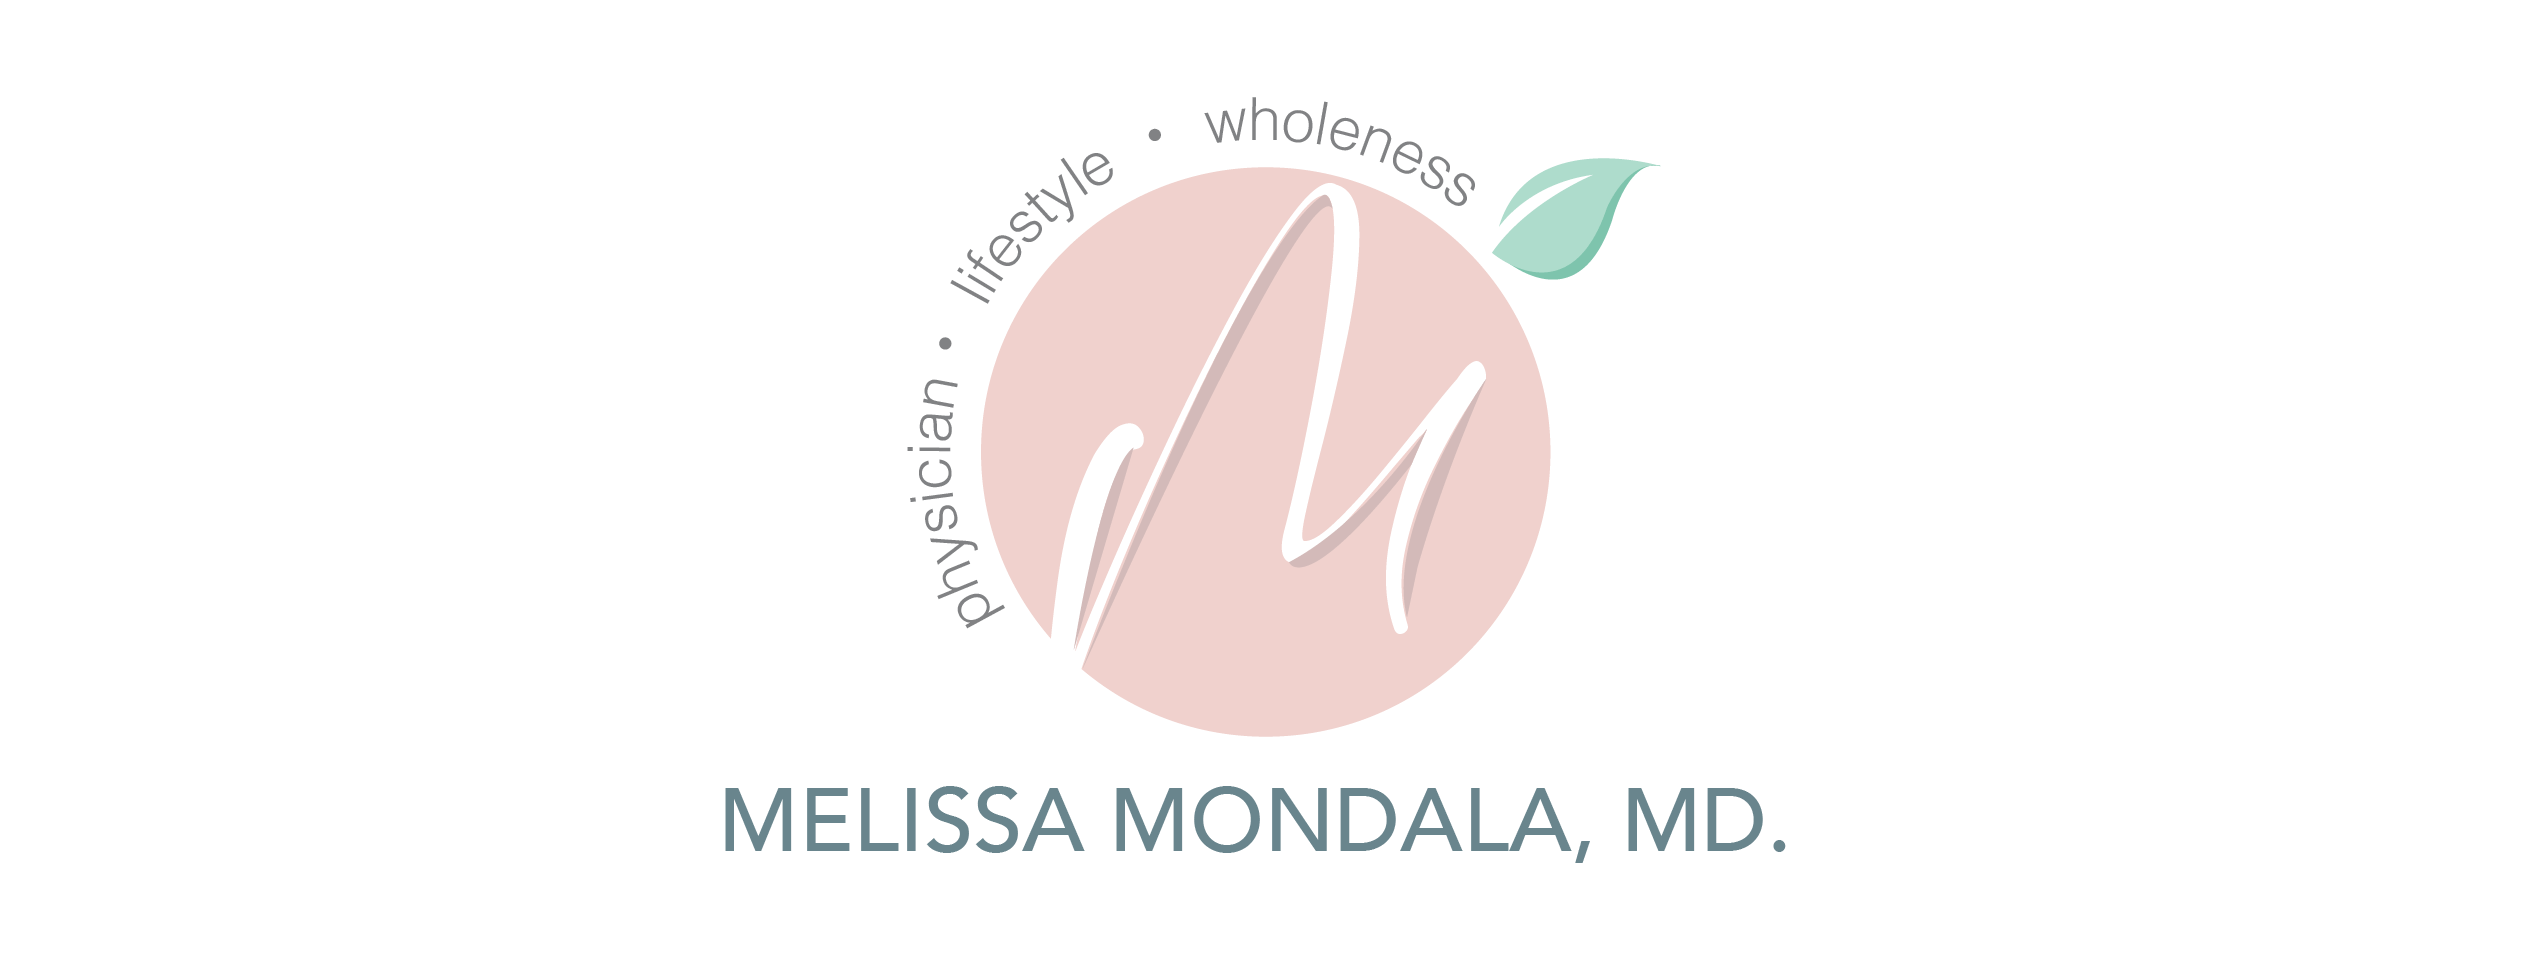 Melissa Mondala MD